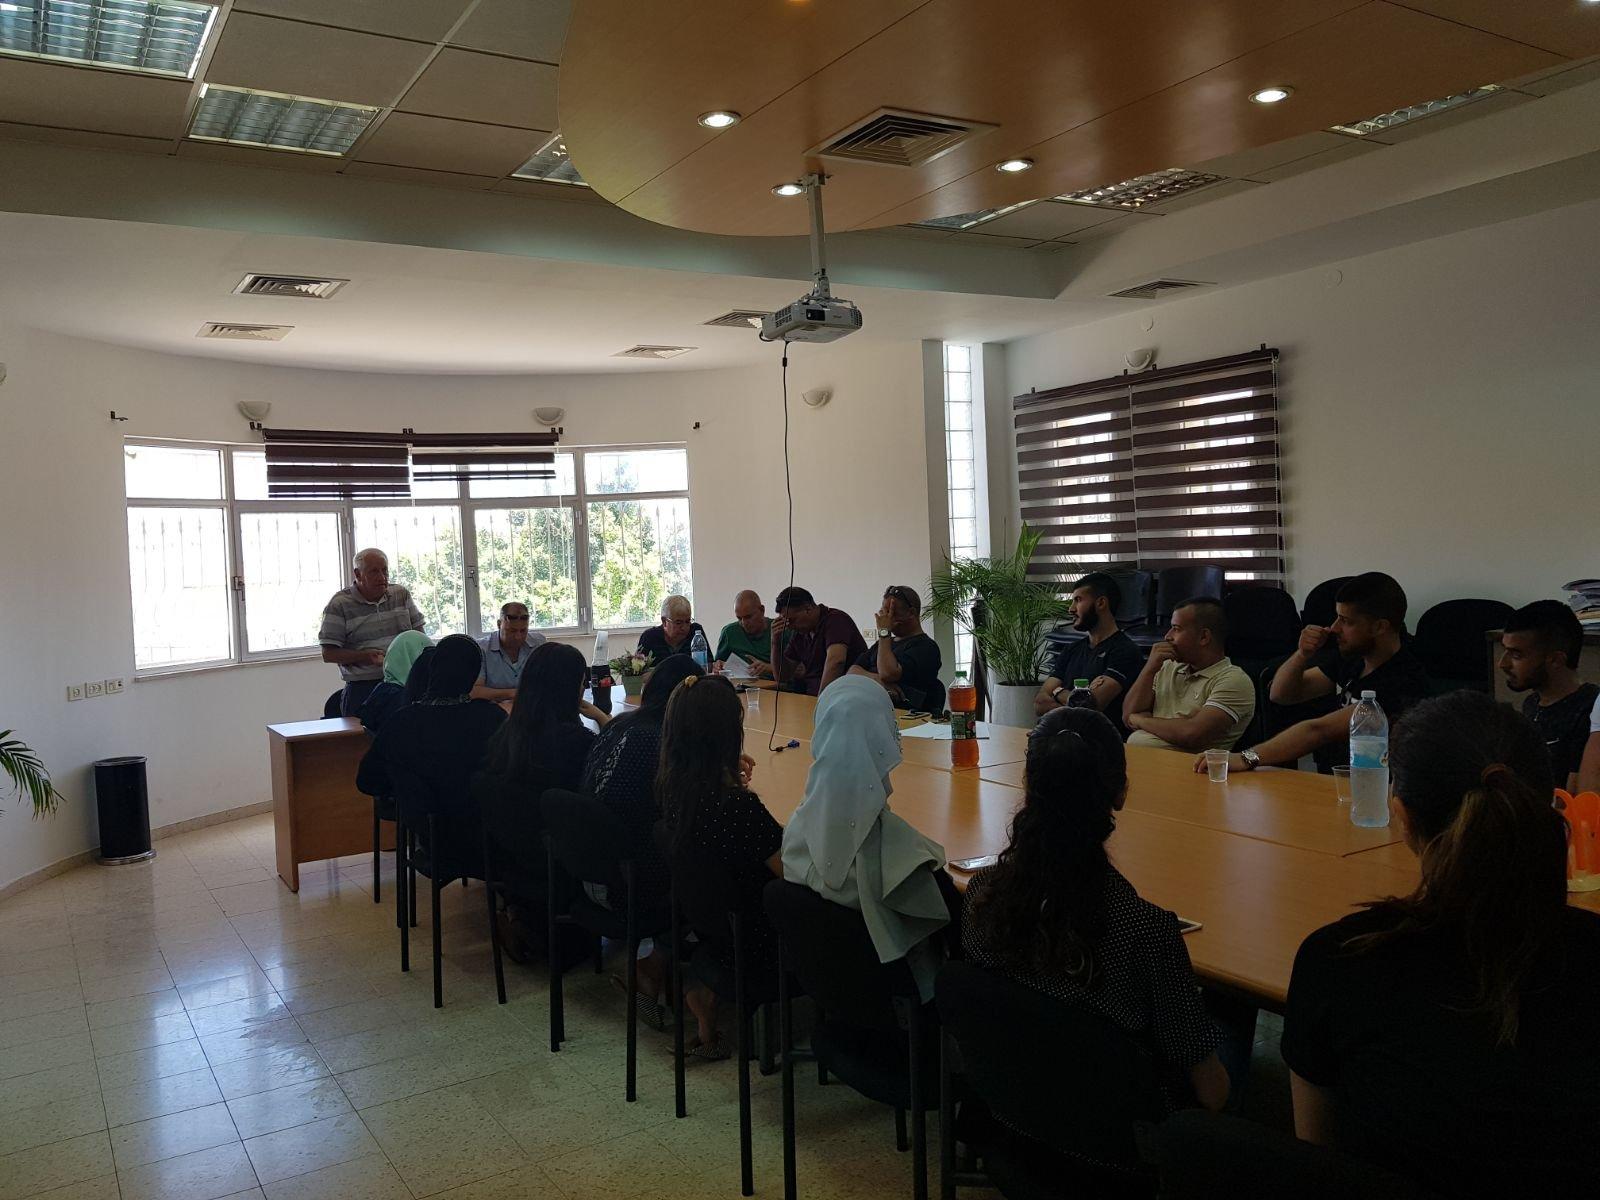 الشبلي أم الغنم: المجلس ومفعال هبايس .. توزيع 40 منحة دراسية لطلاب جامعيين